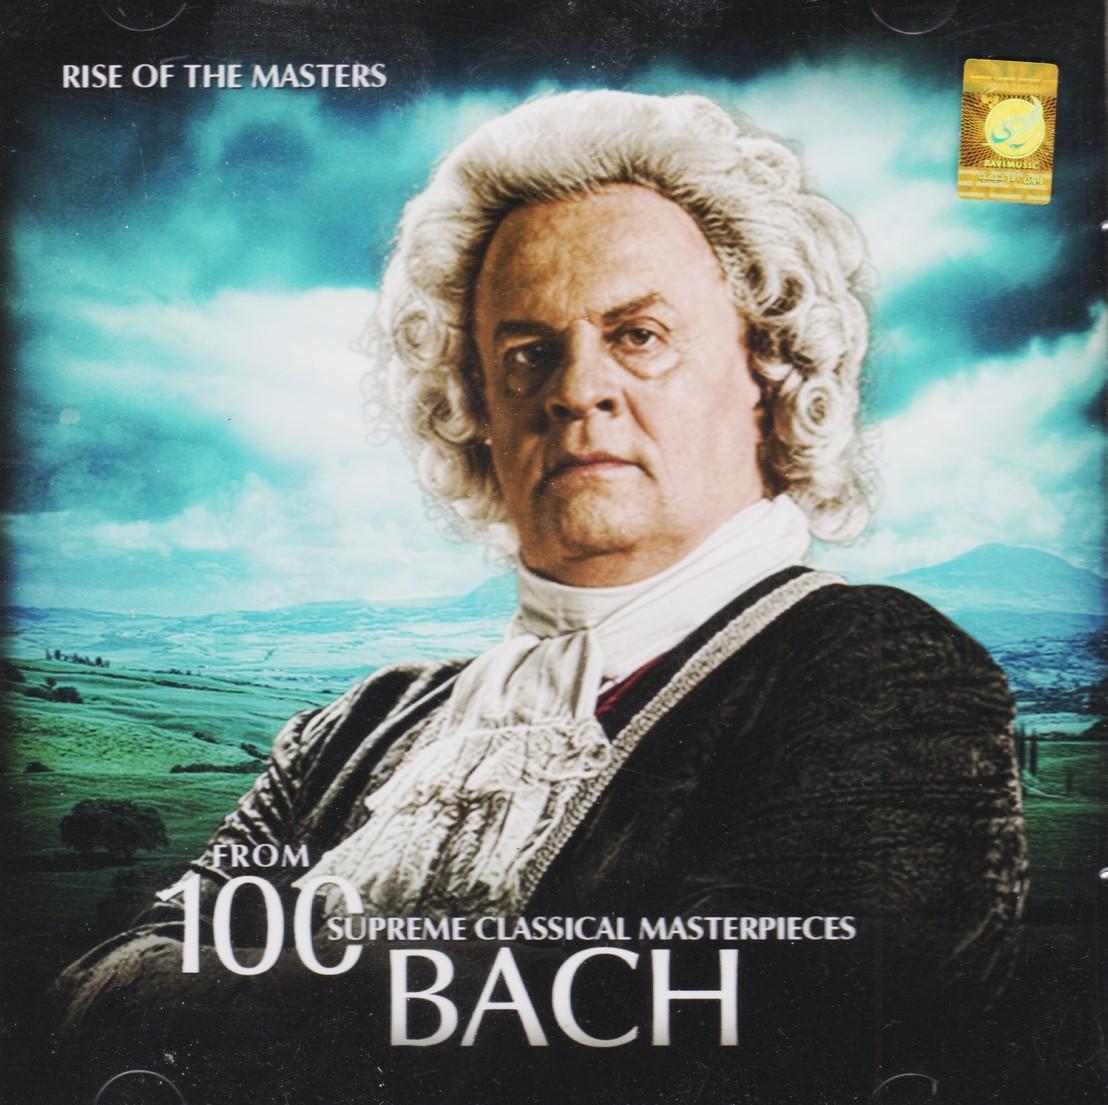 ظهور استادان موسیقی کلاسیک (باخ)